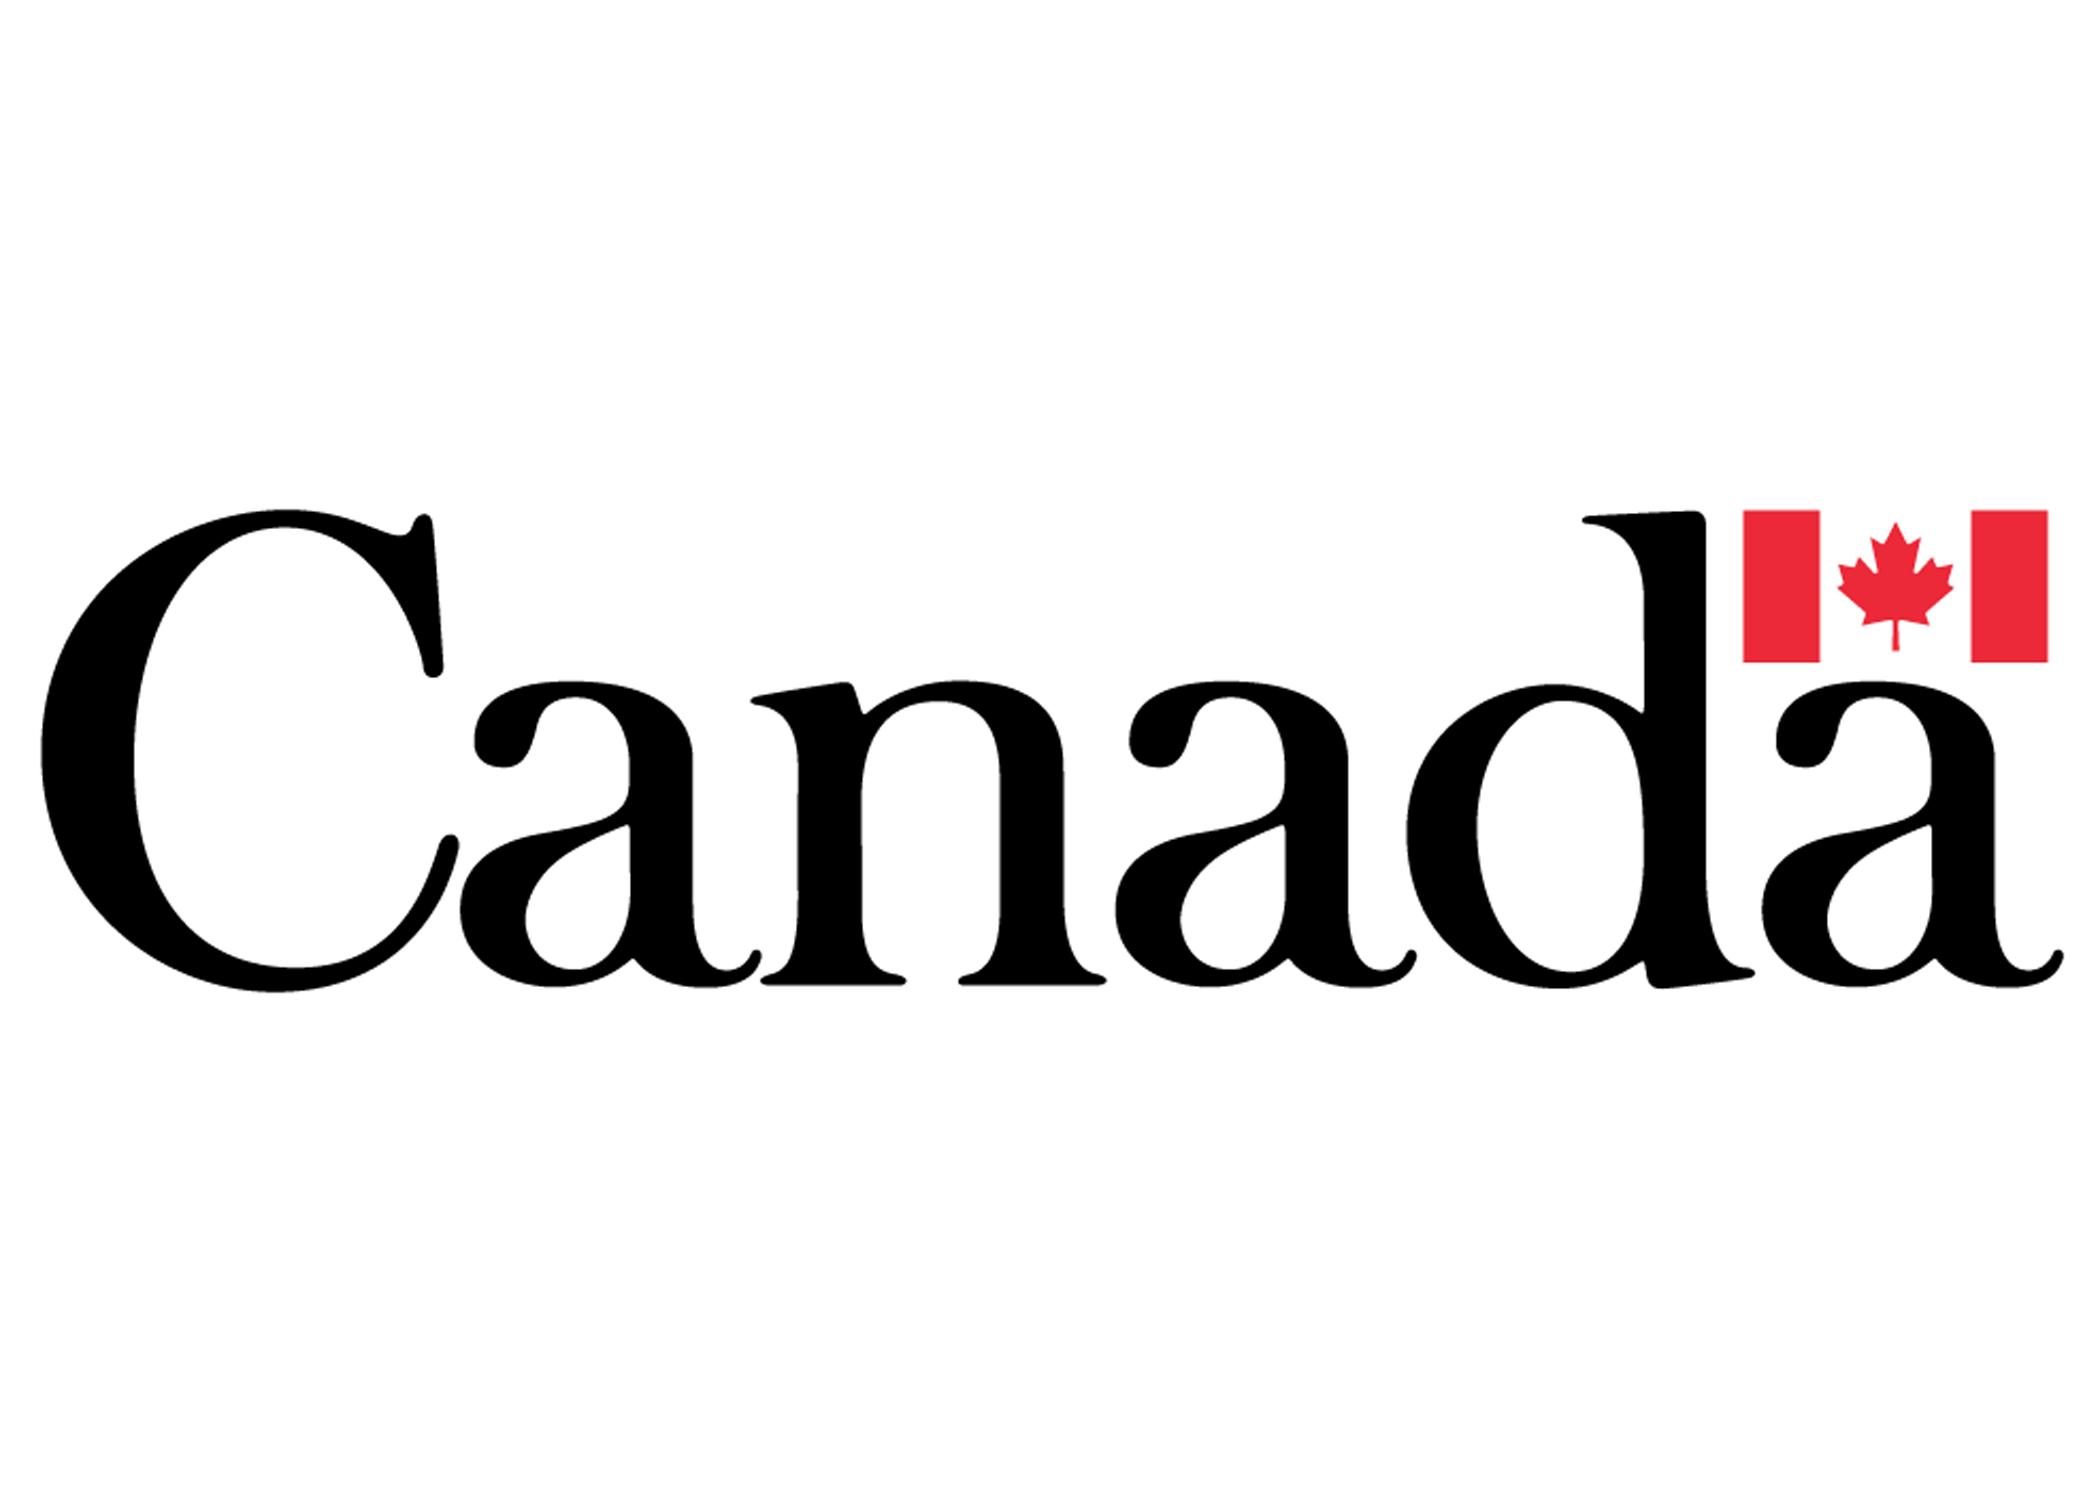 Canada logo